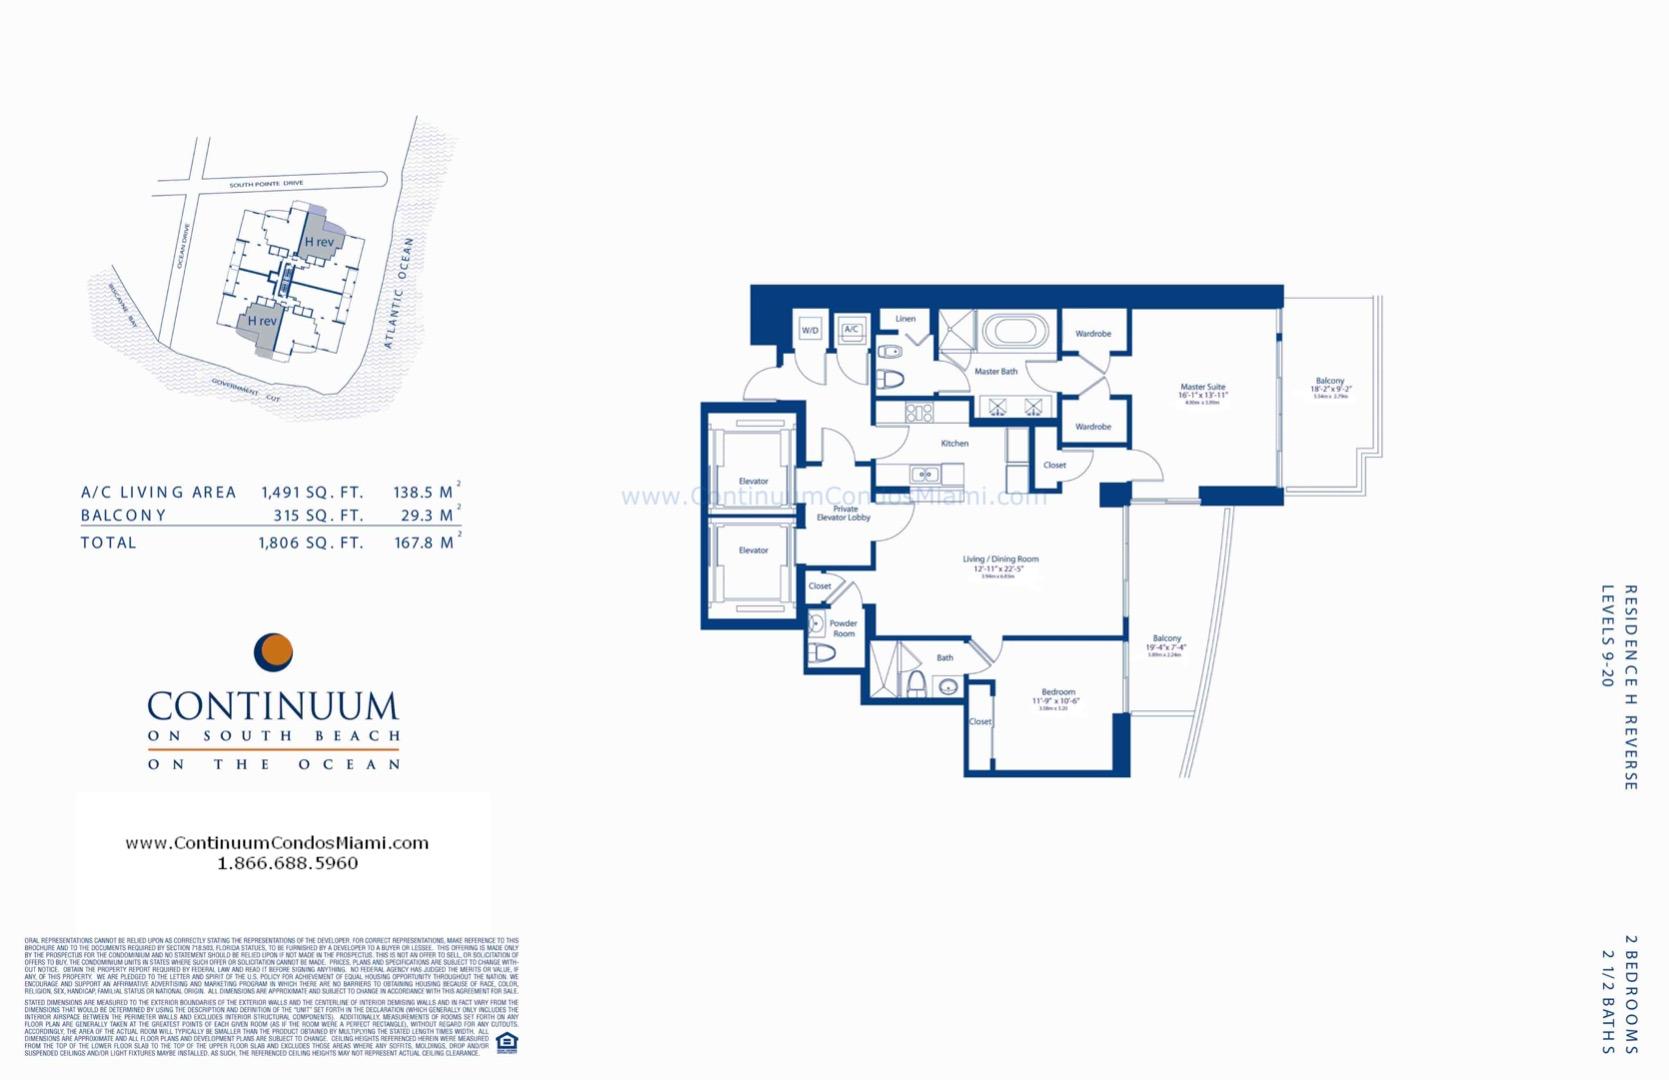 Floor plan image H-reversed - 2/2/1  - 1491 sqft image